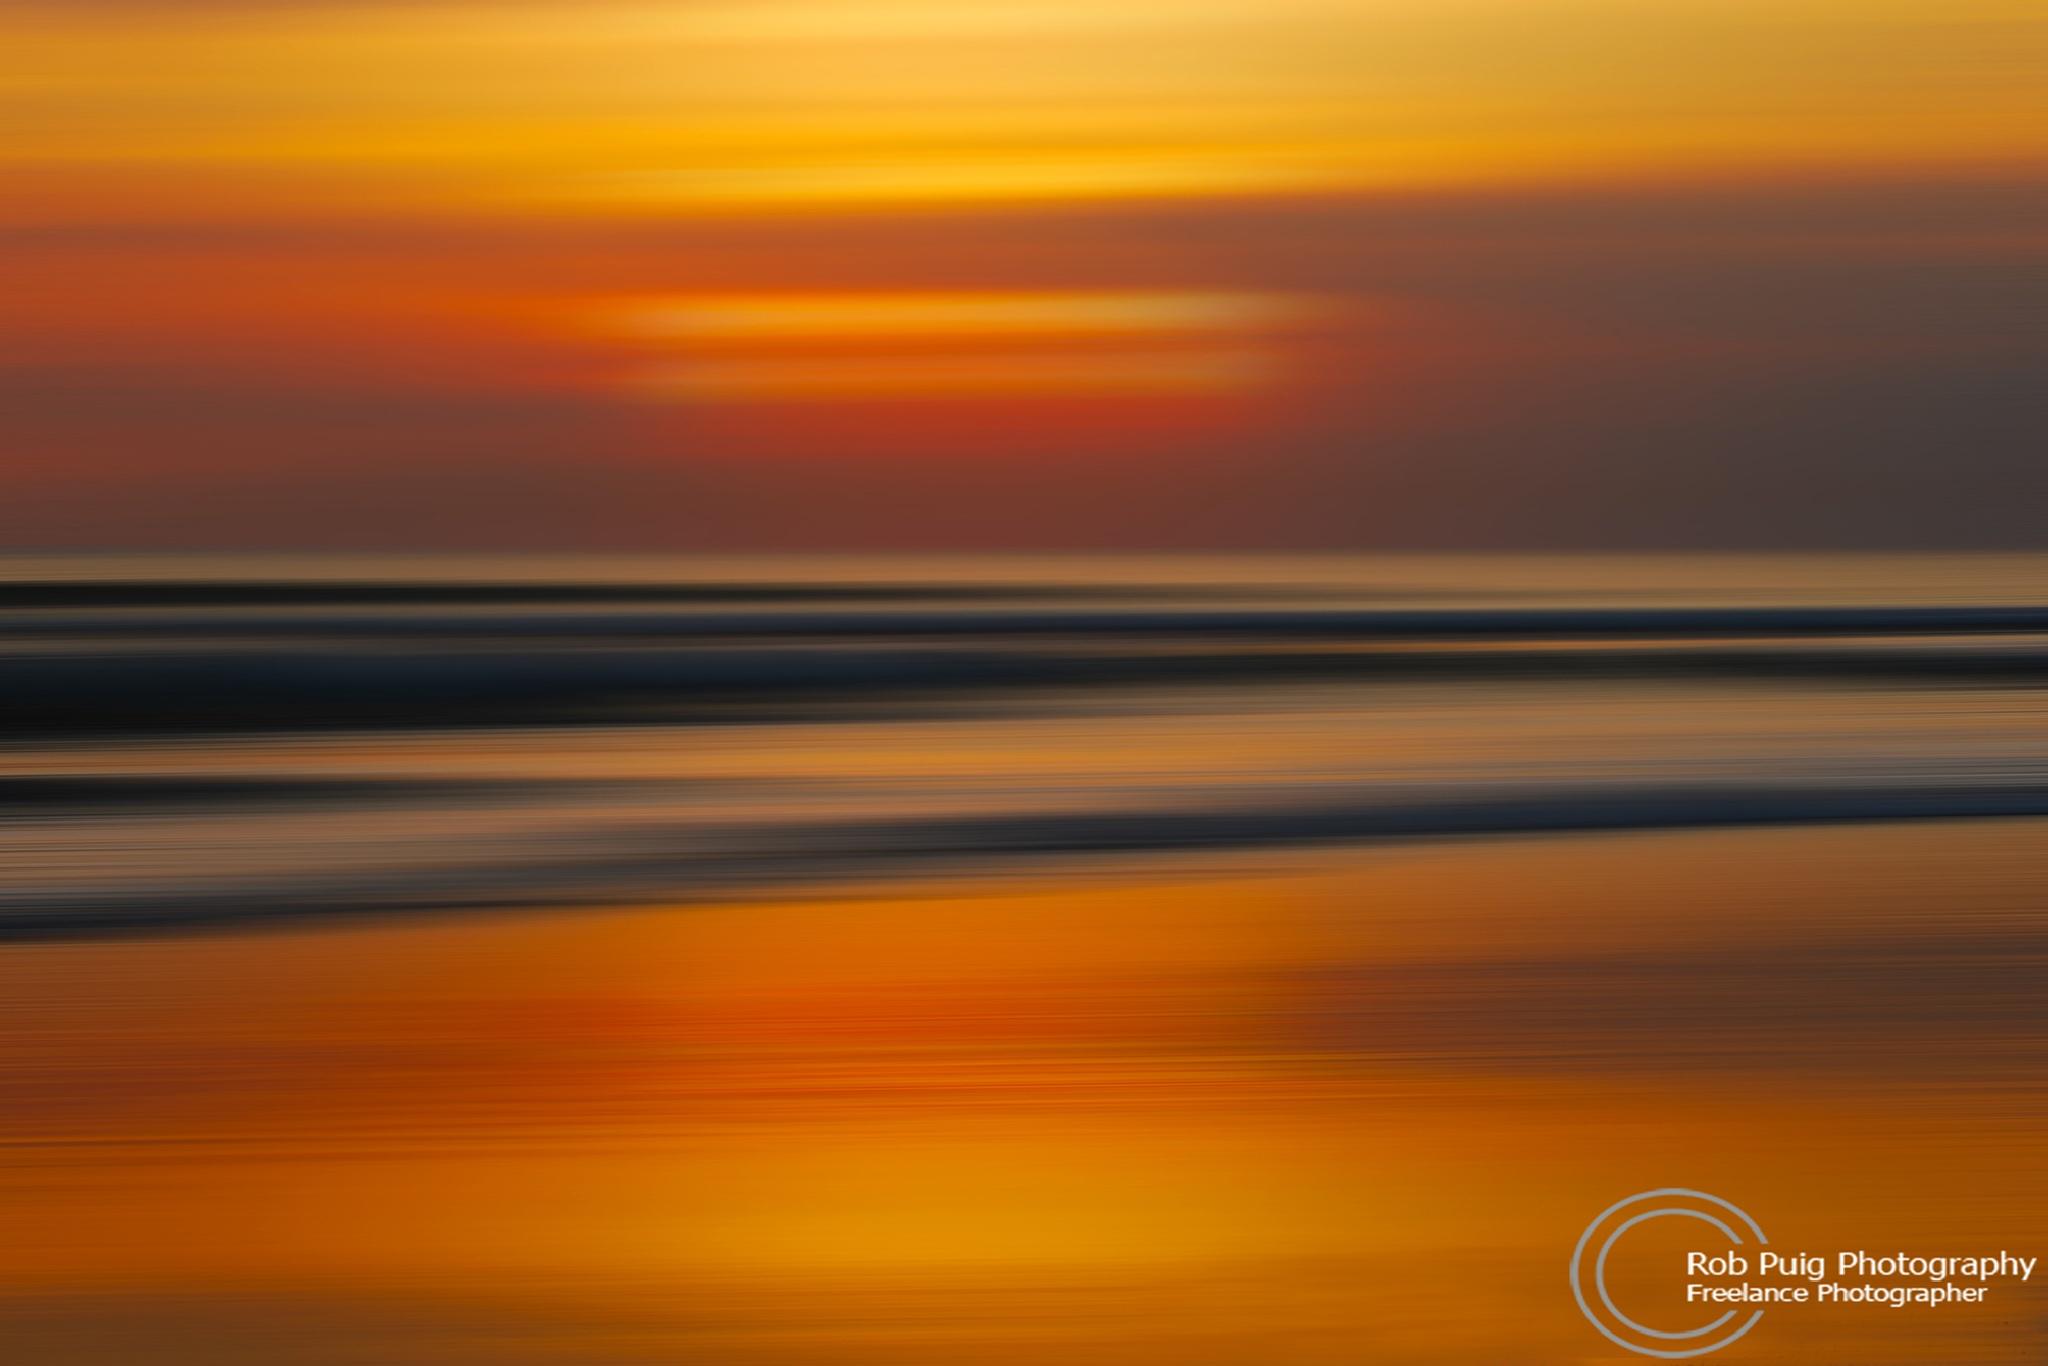 Sunset Blur by Robert Puig